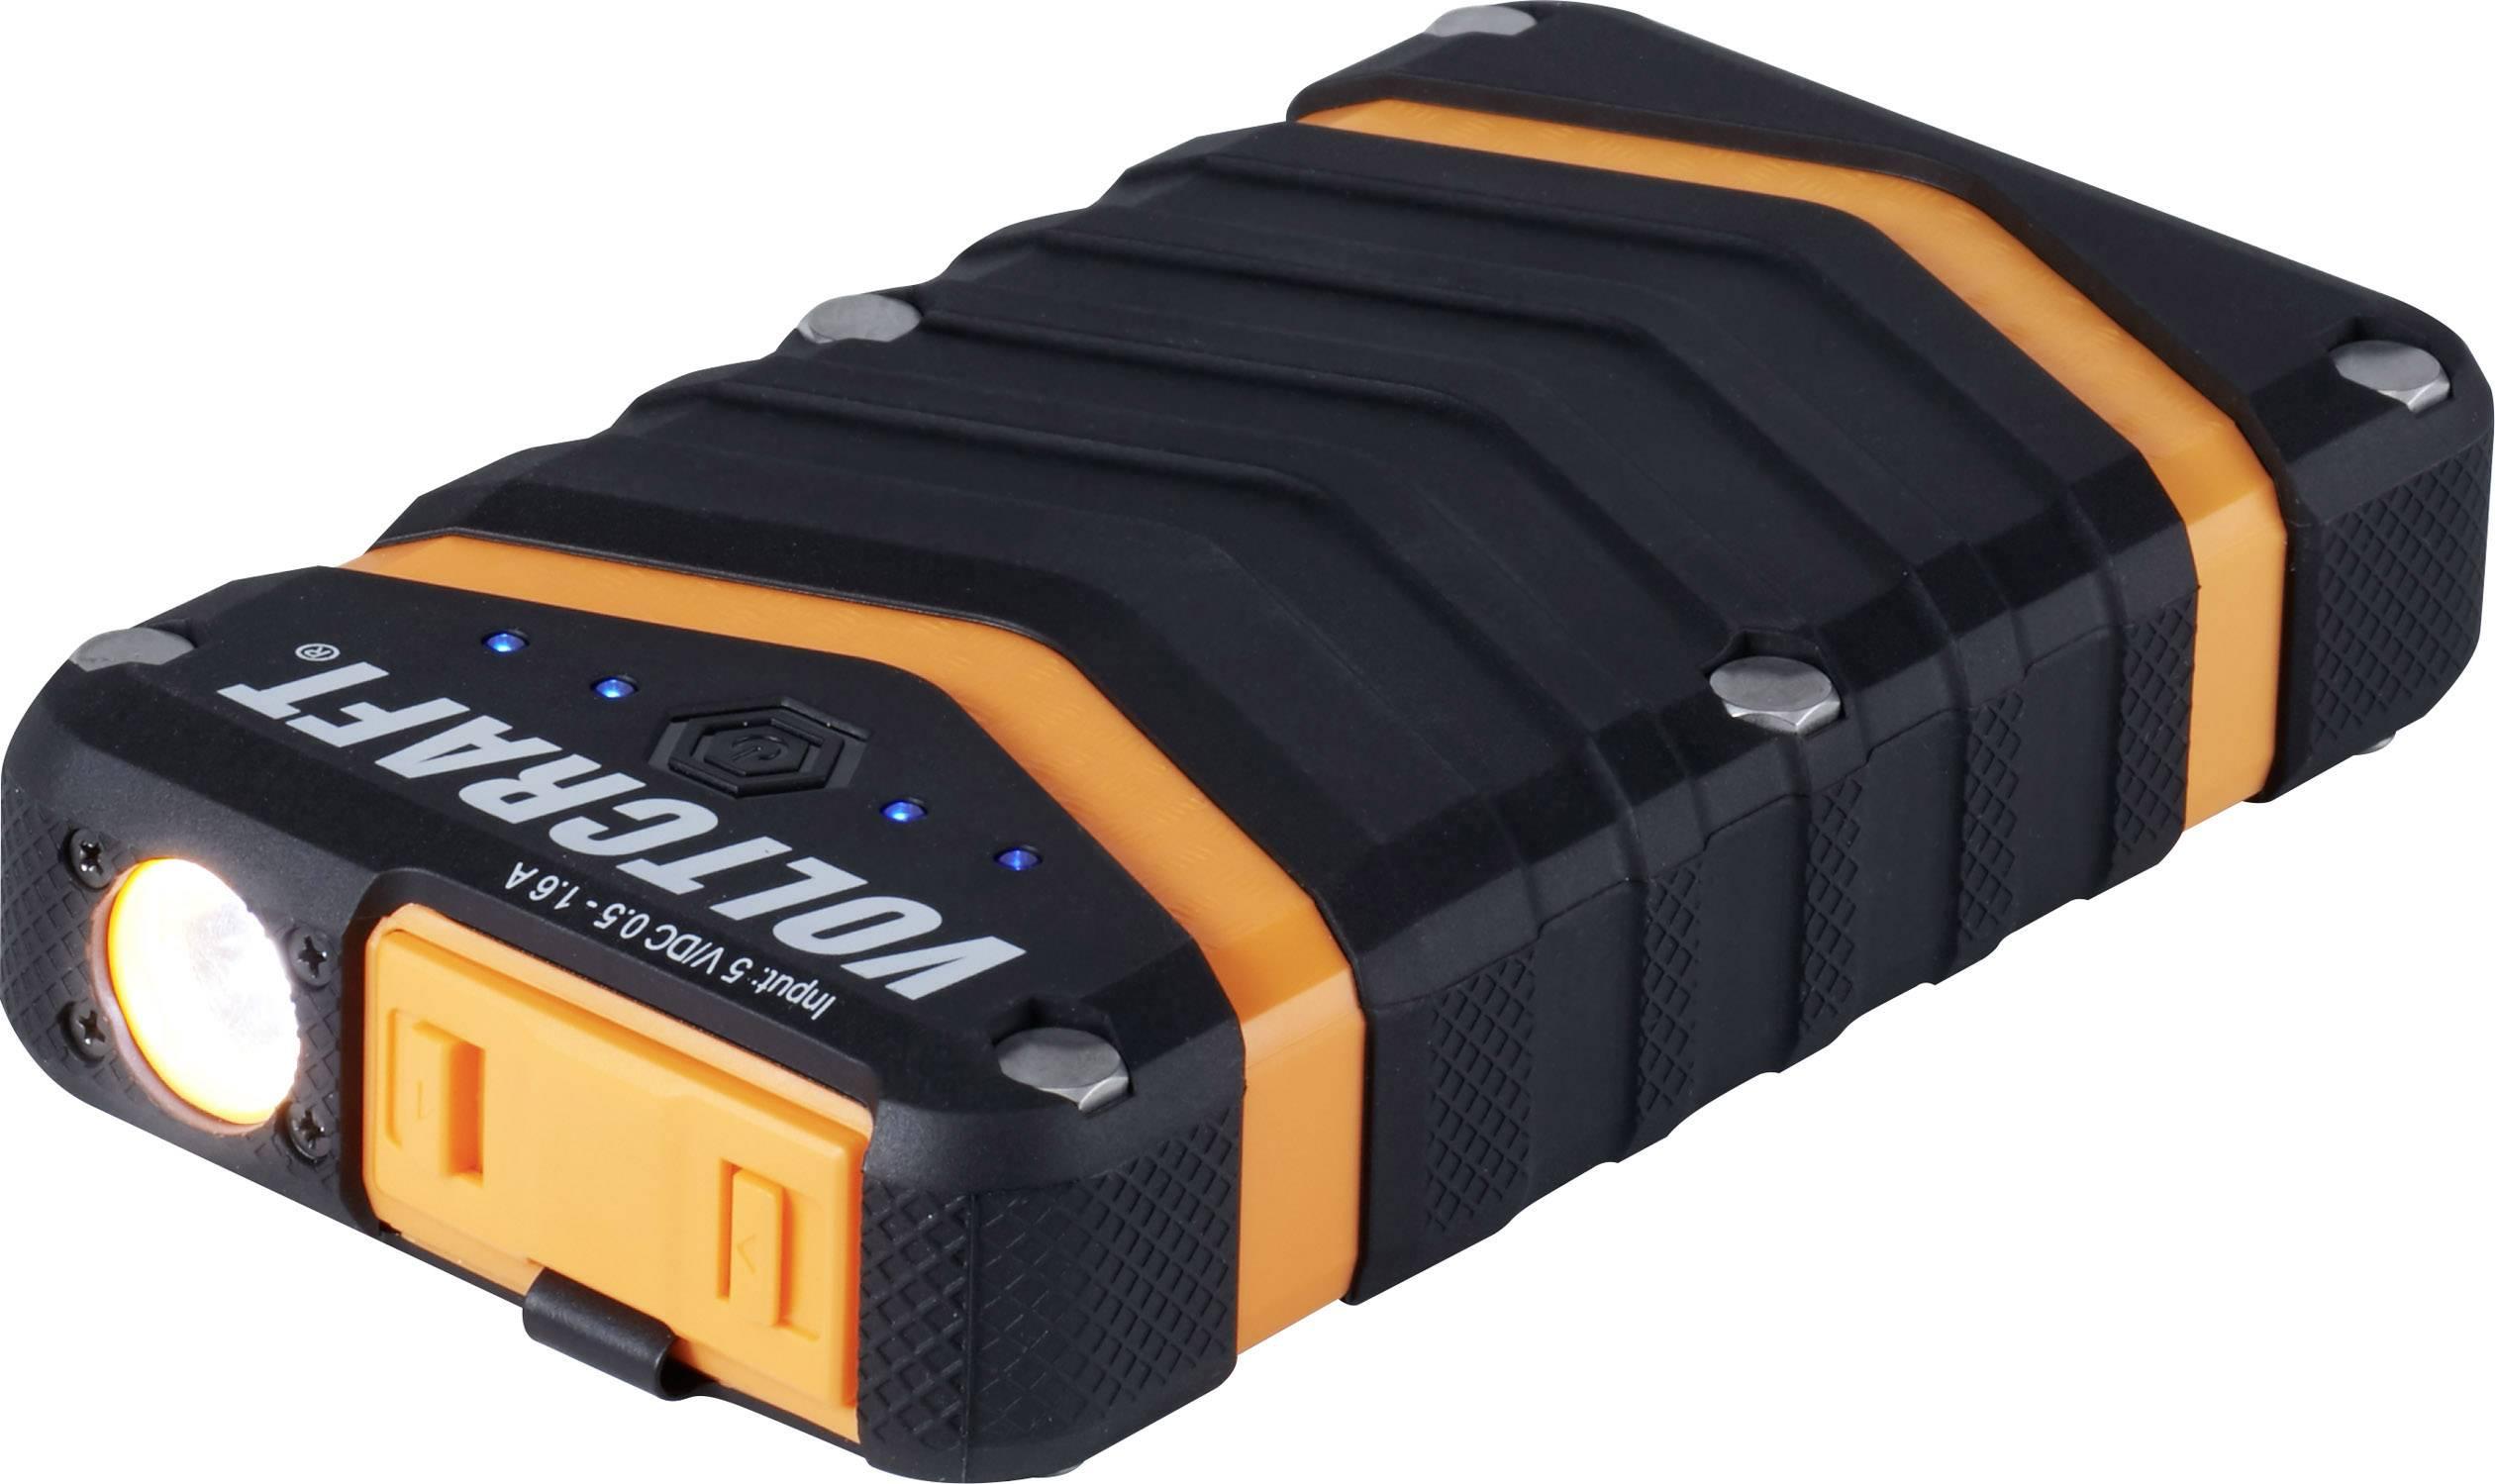 Powerbanka VOLTCRAFT PB-20 Outdoor, Li-Ion akumulátor 18000 mAh, čierna / oranžová